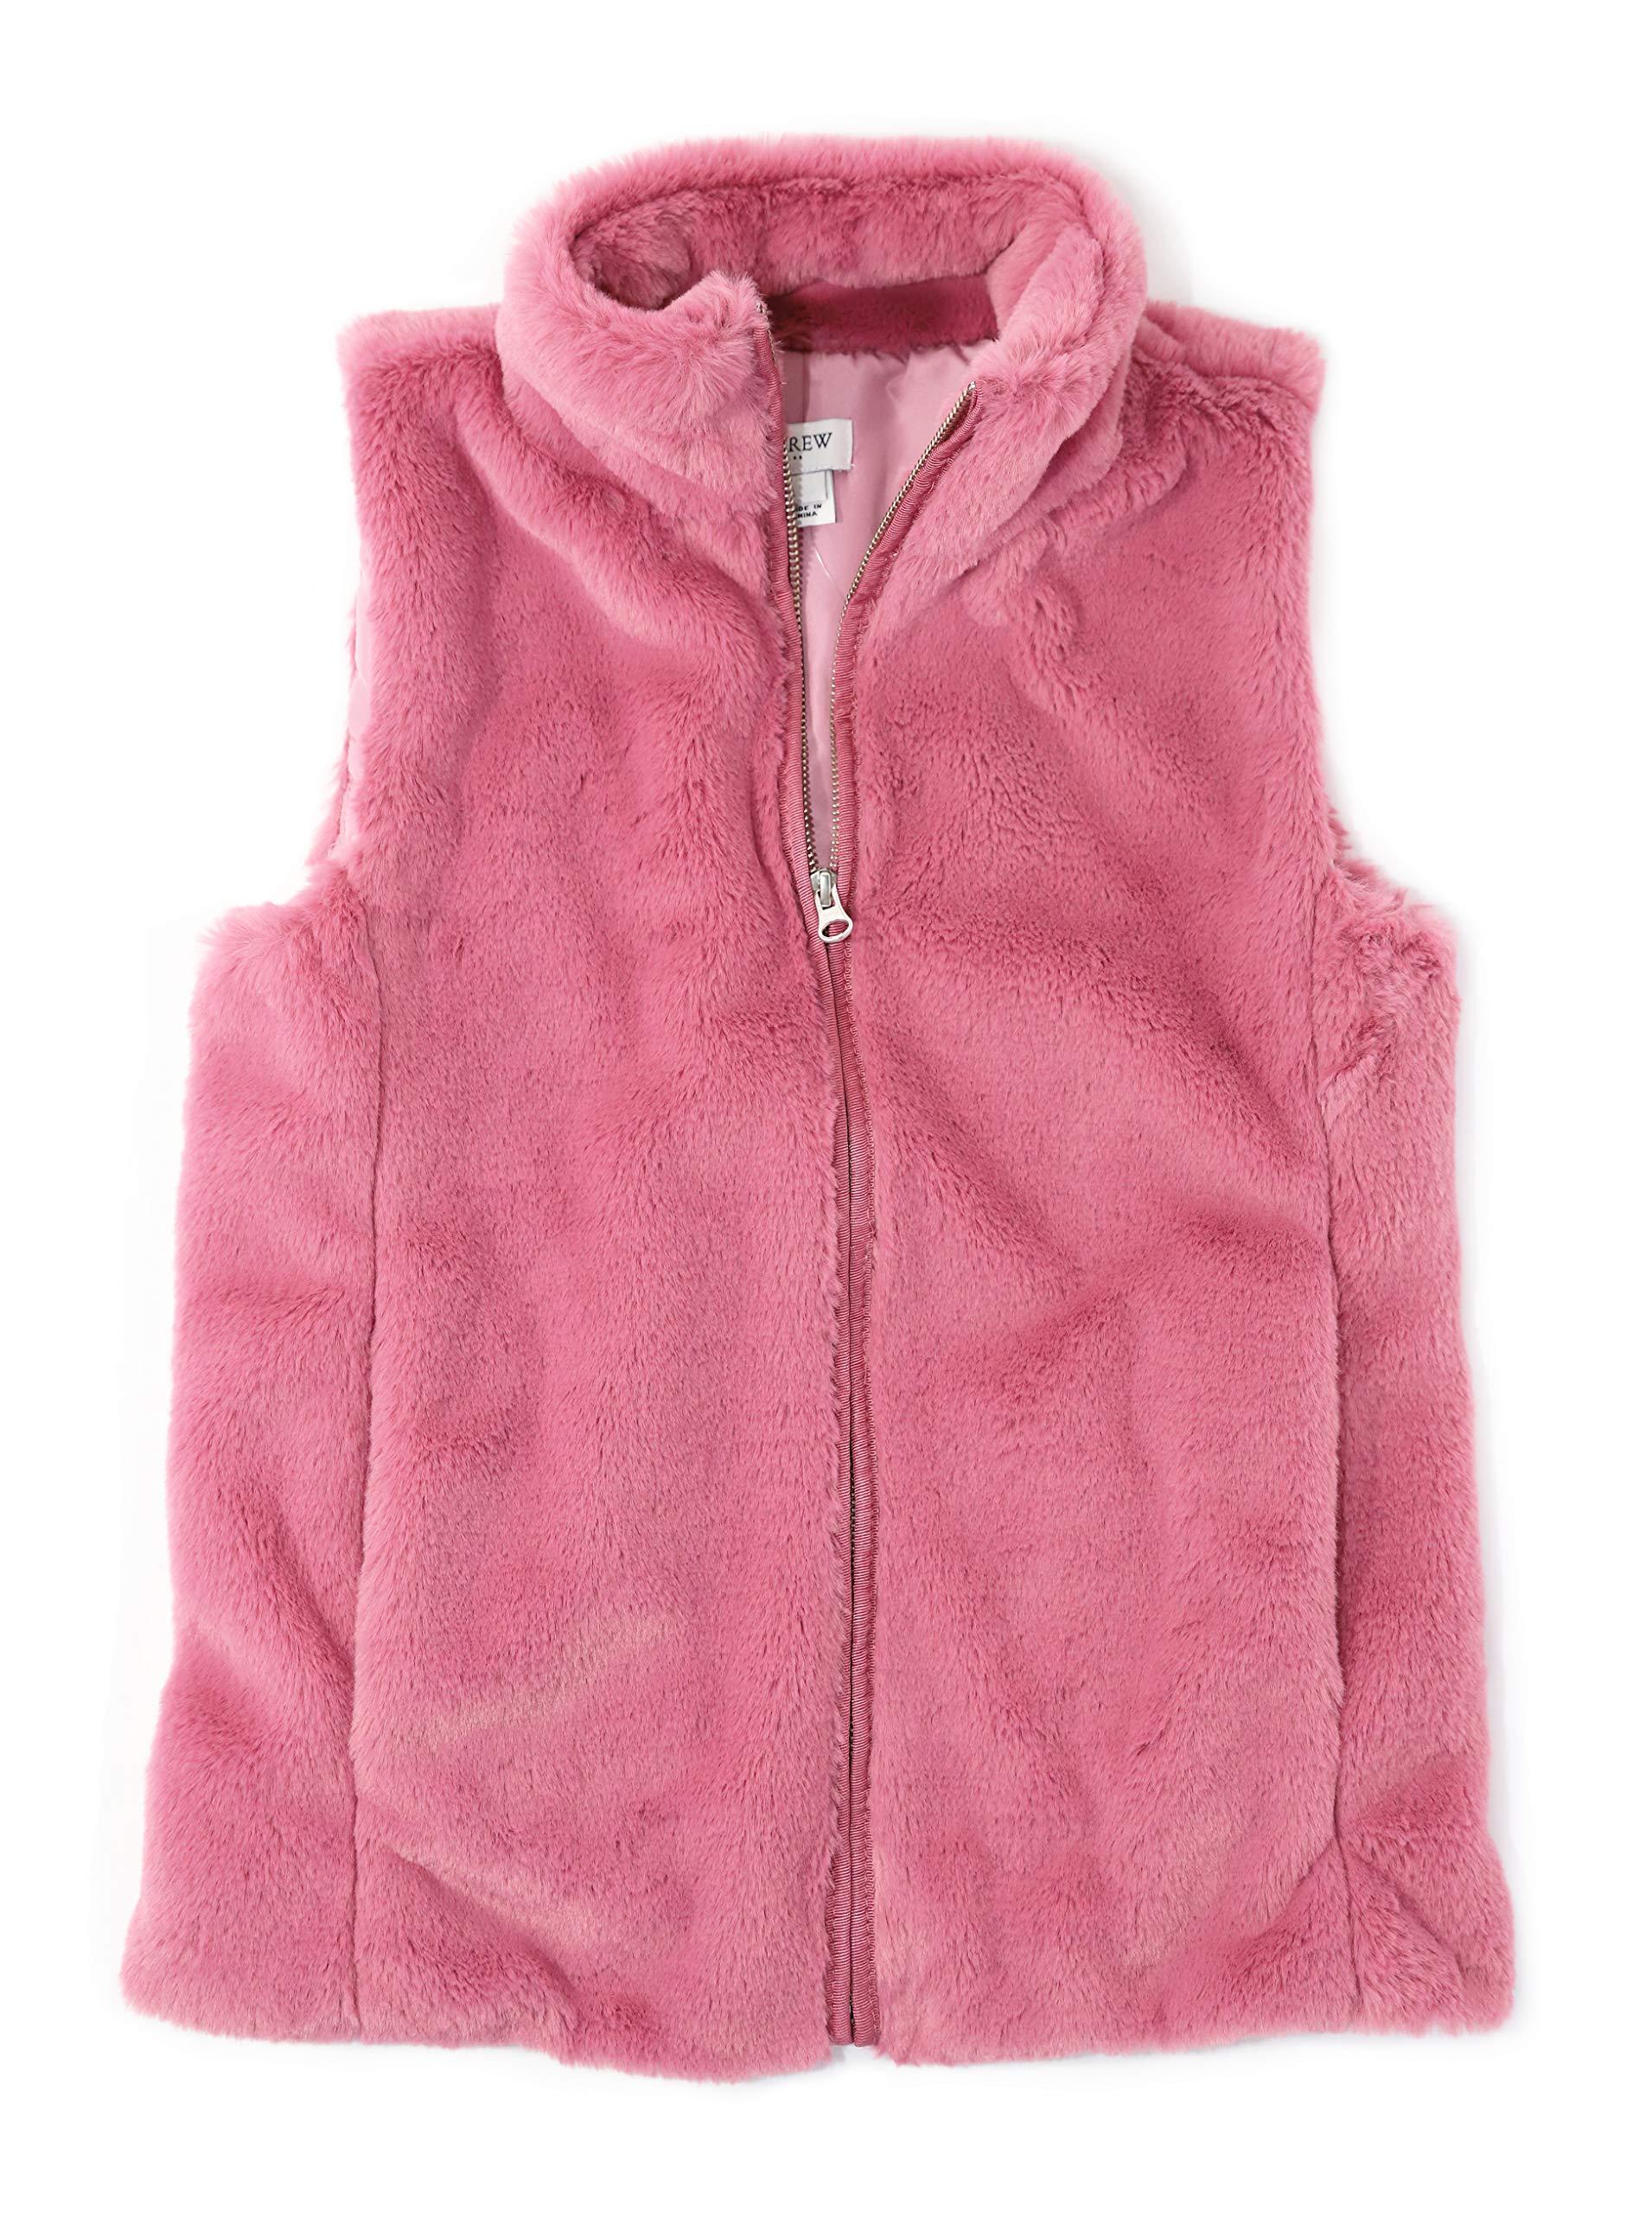 J.Crew Mercantile Women's Faux Fur Vest, Guava Berry, M by J.Crew Mercantile